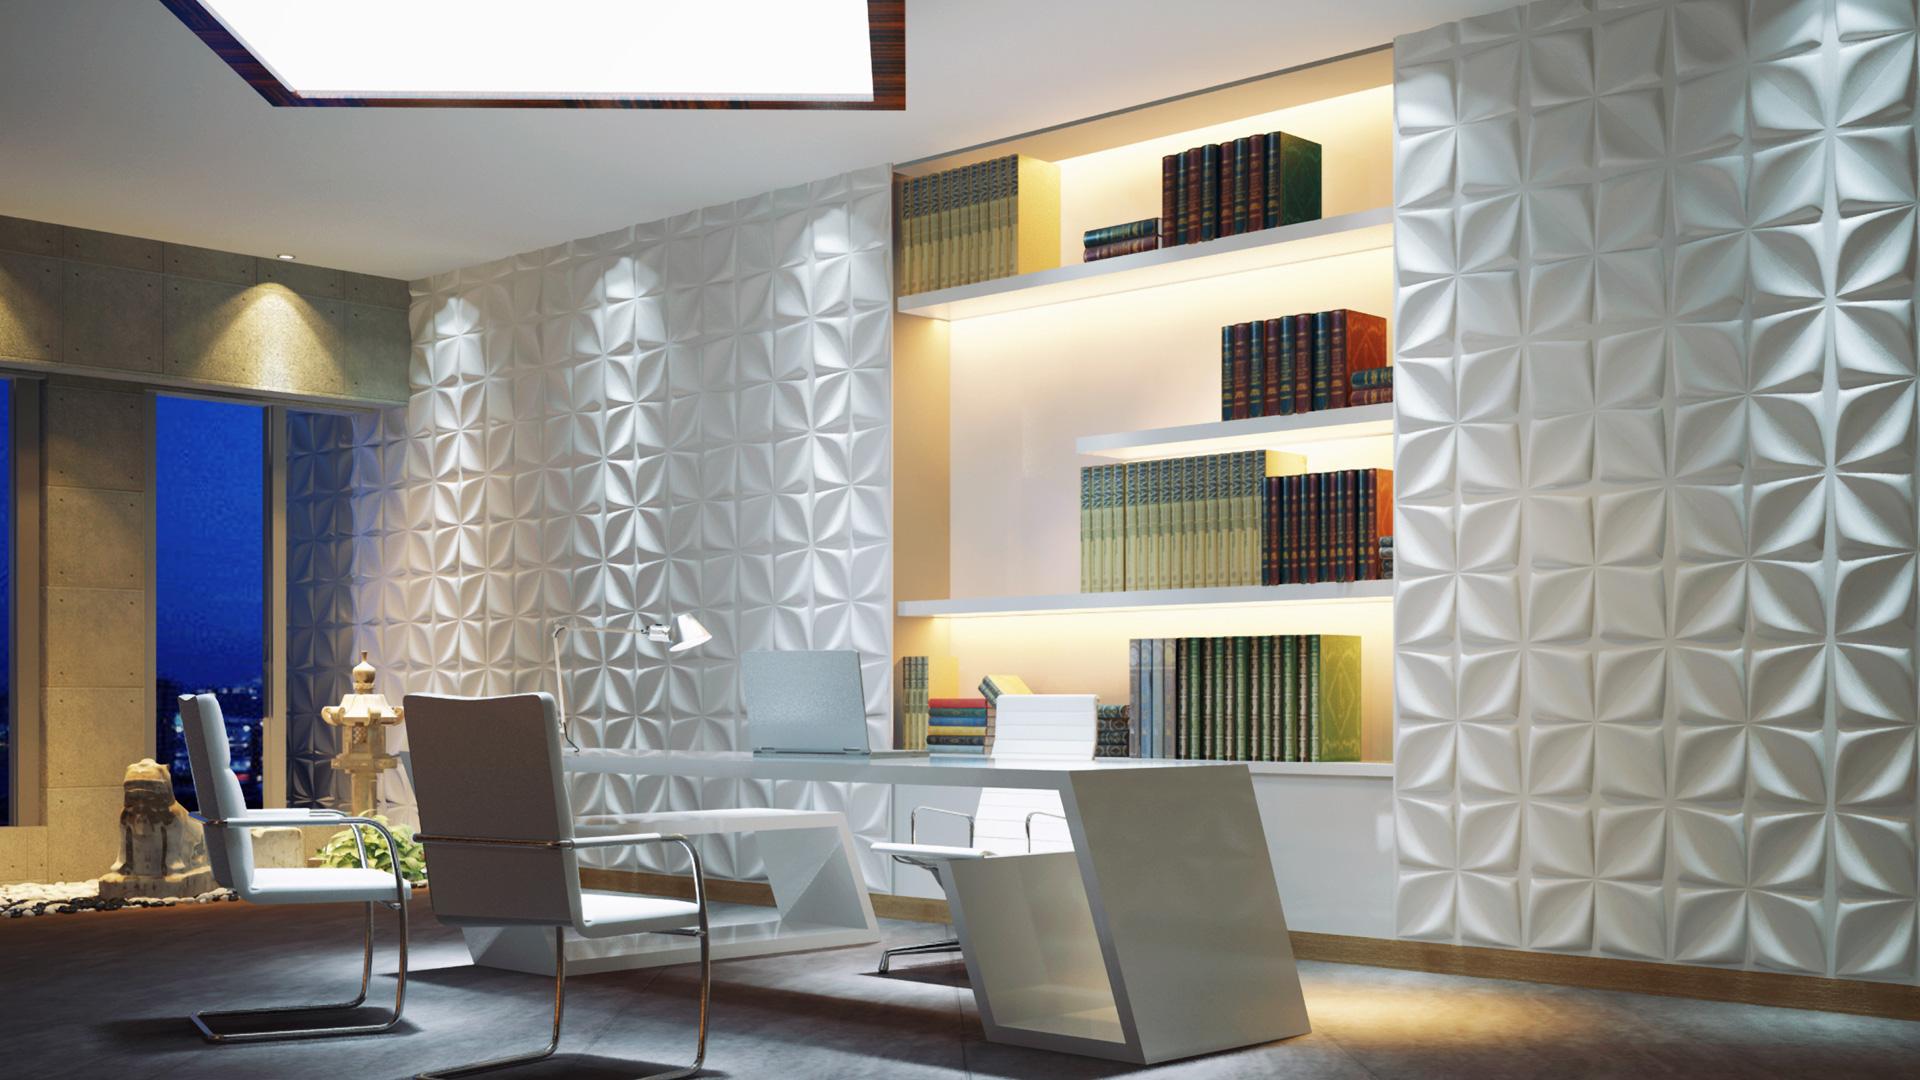 büro und besprechungsraum • 3d wandpaneele | deckenpaneele, Hause deko